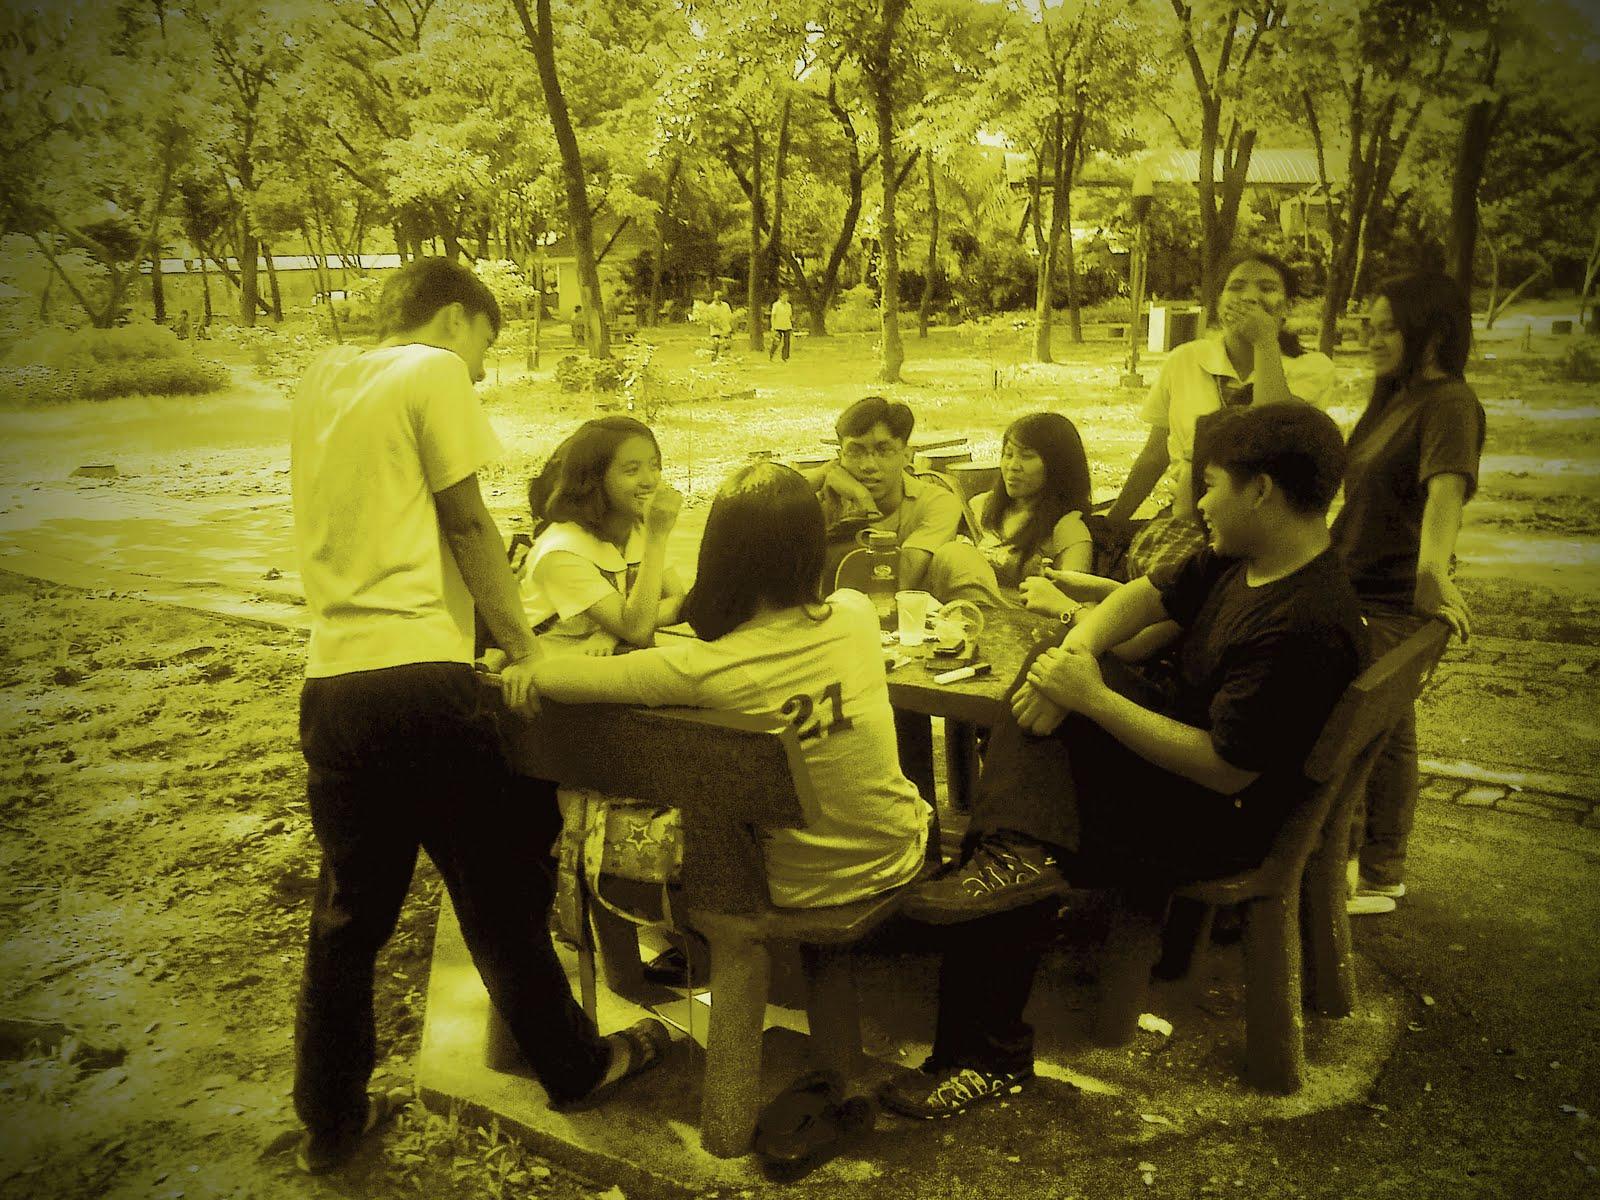 quezon senior personals Quezon city's best 100% free senior dating site join mingle2's fun online community of quezon city senior singles browse thousands of senior.